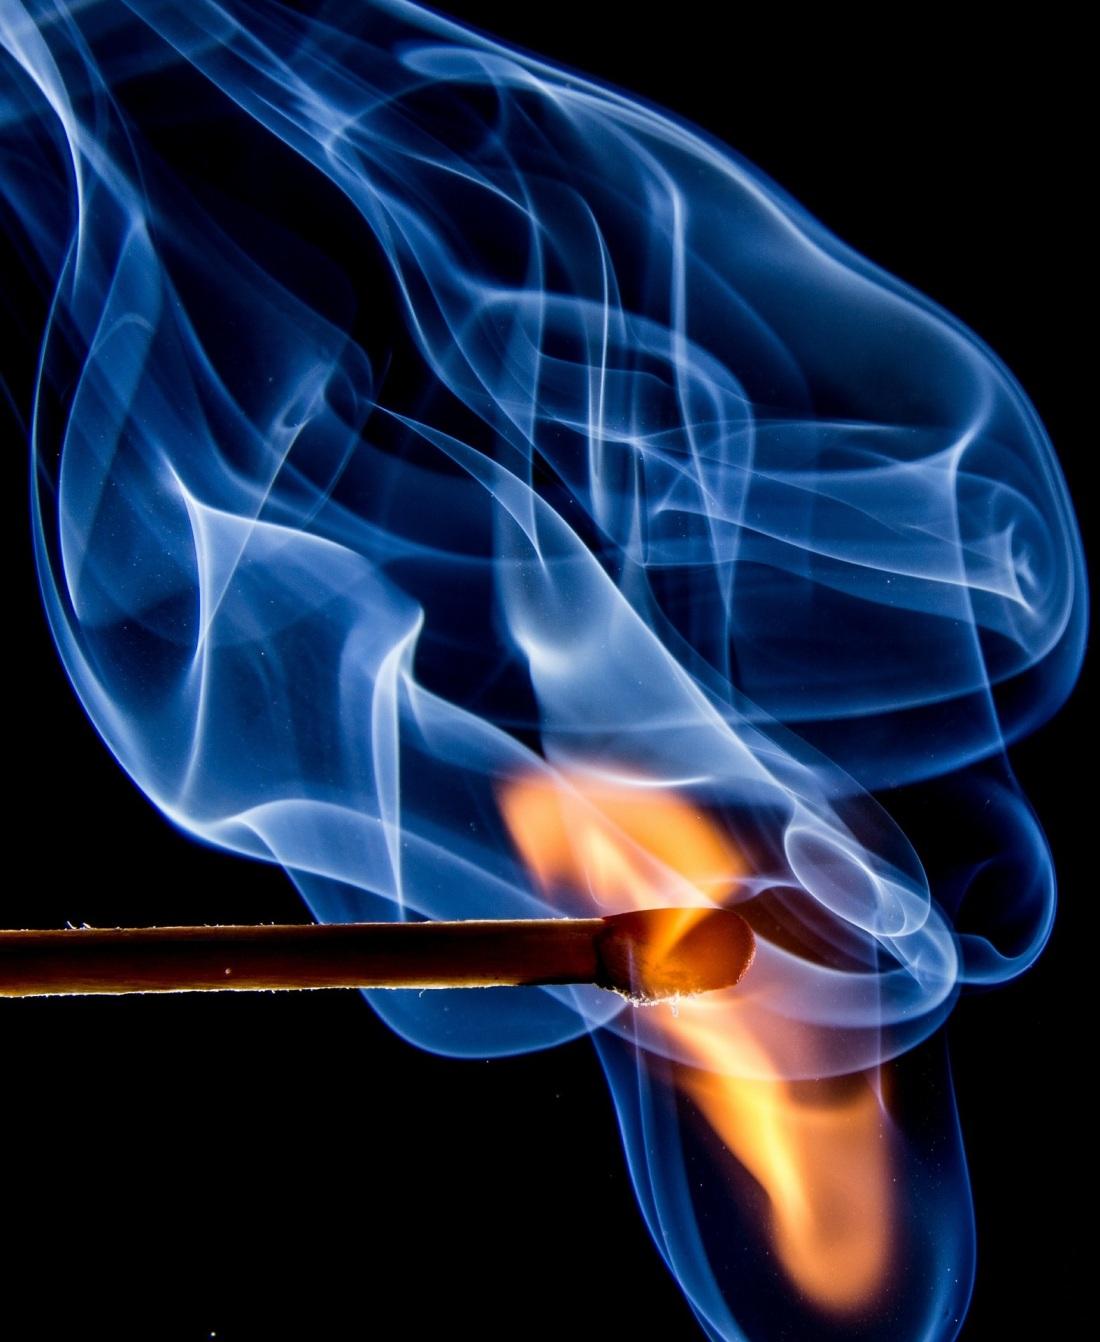 fire-545374_1920.jpg